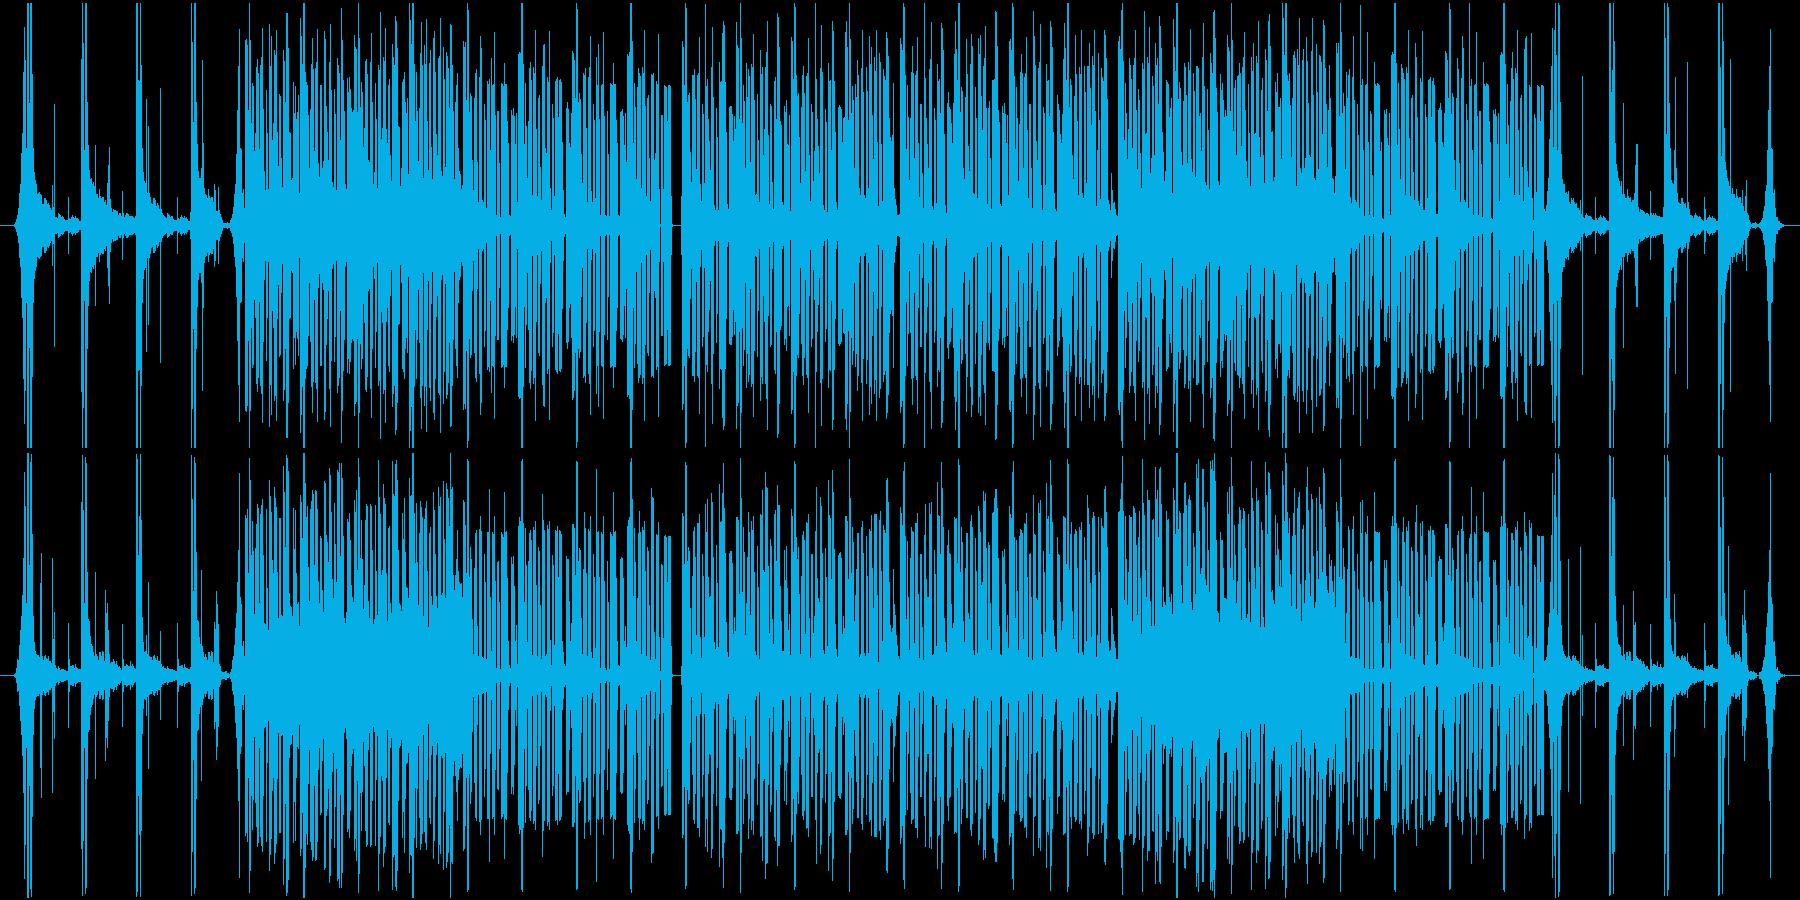 不安を煽る場面をイメージした曲の再生済みの波形